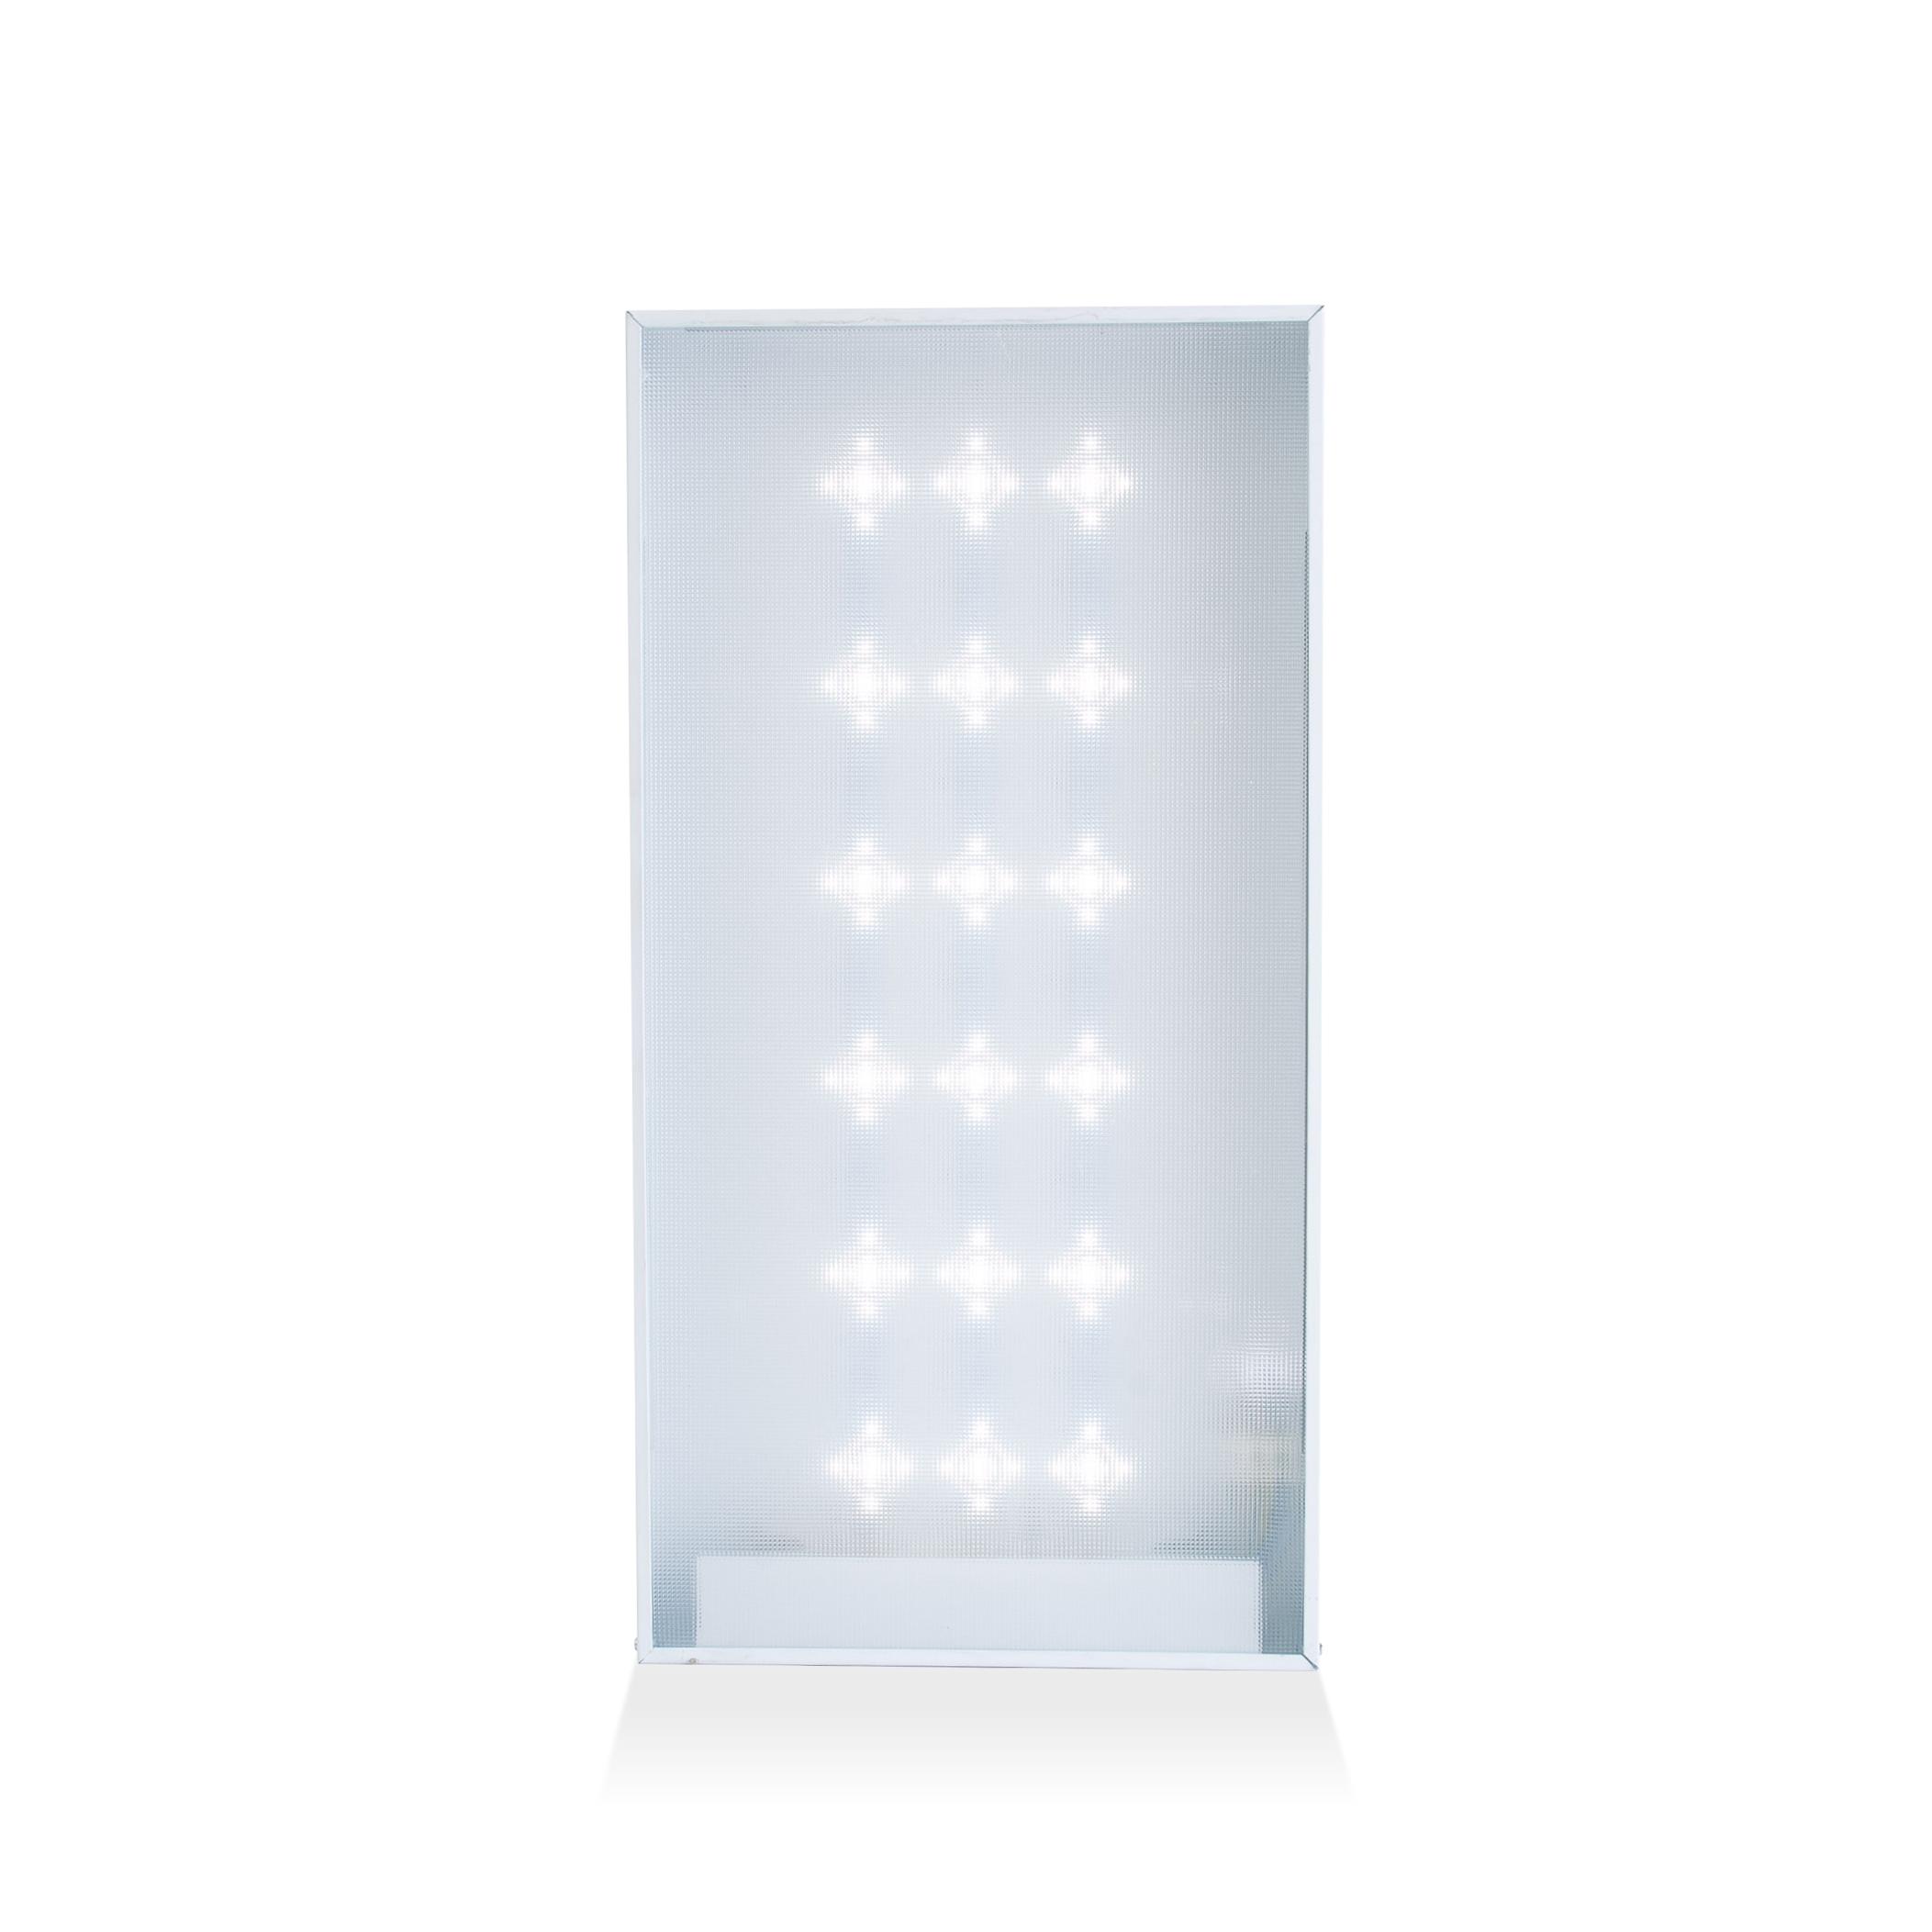 Светильник ССВ 15-1600-Н50